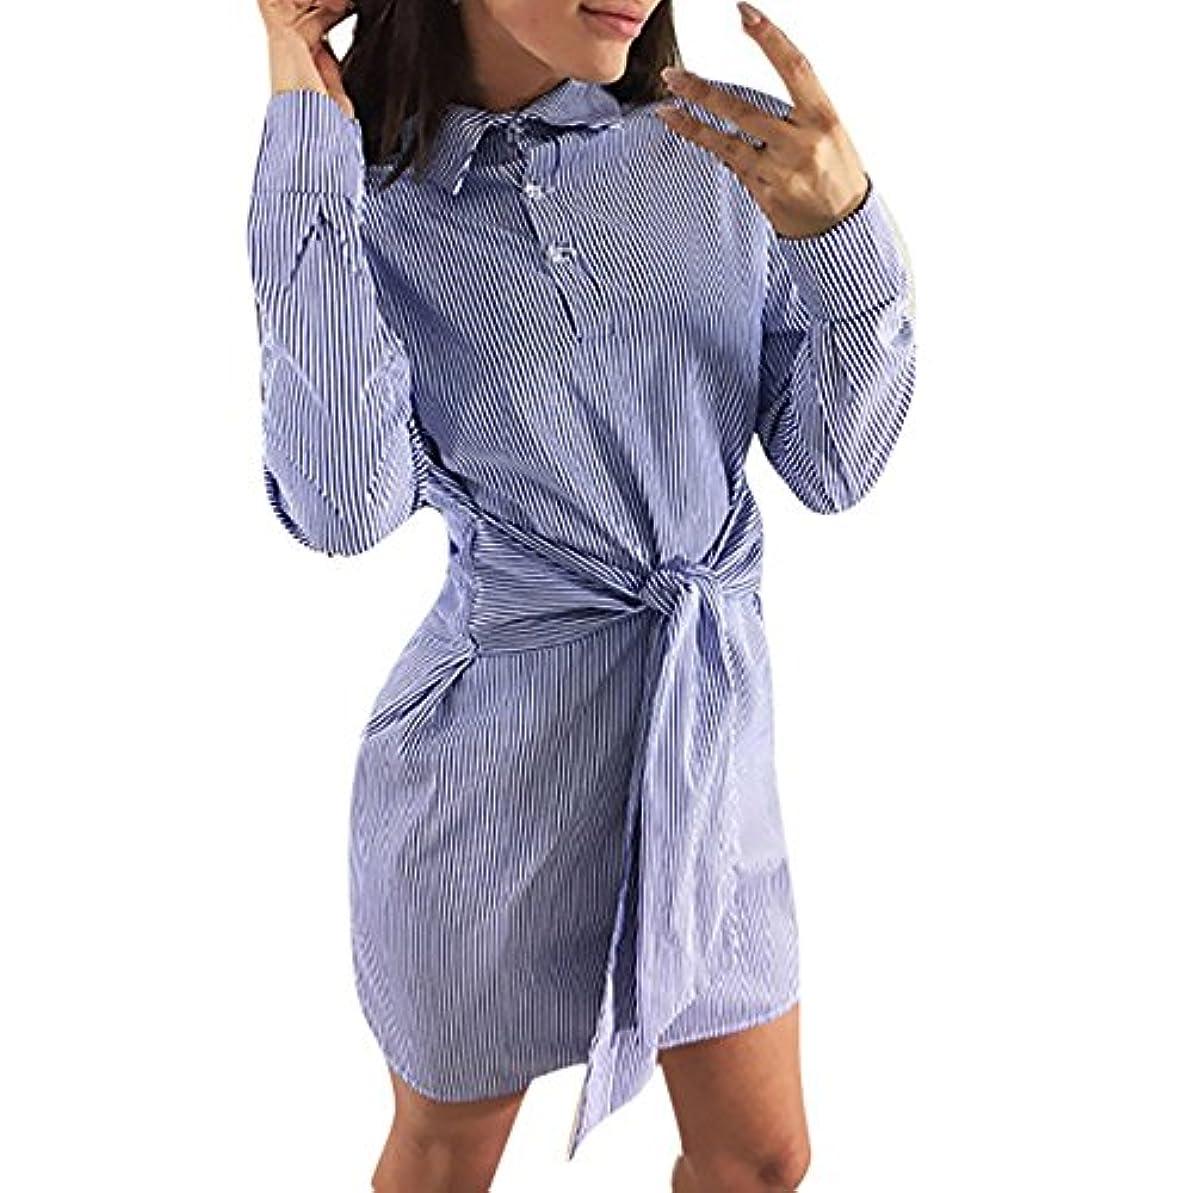 タイマーポーズ憂鬱なSakuraBest 女性のストライプウエストバンド長袖シャツドレス